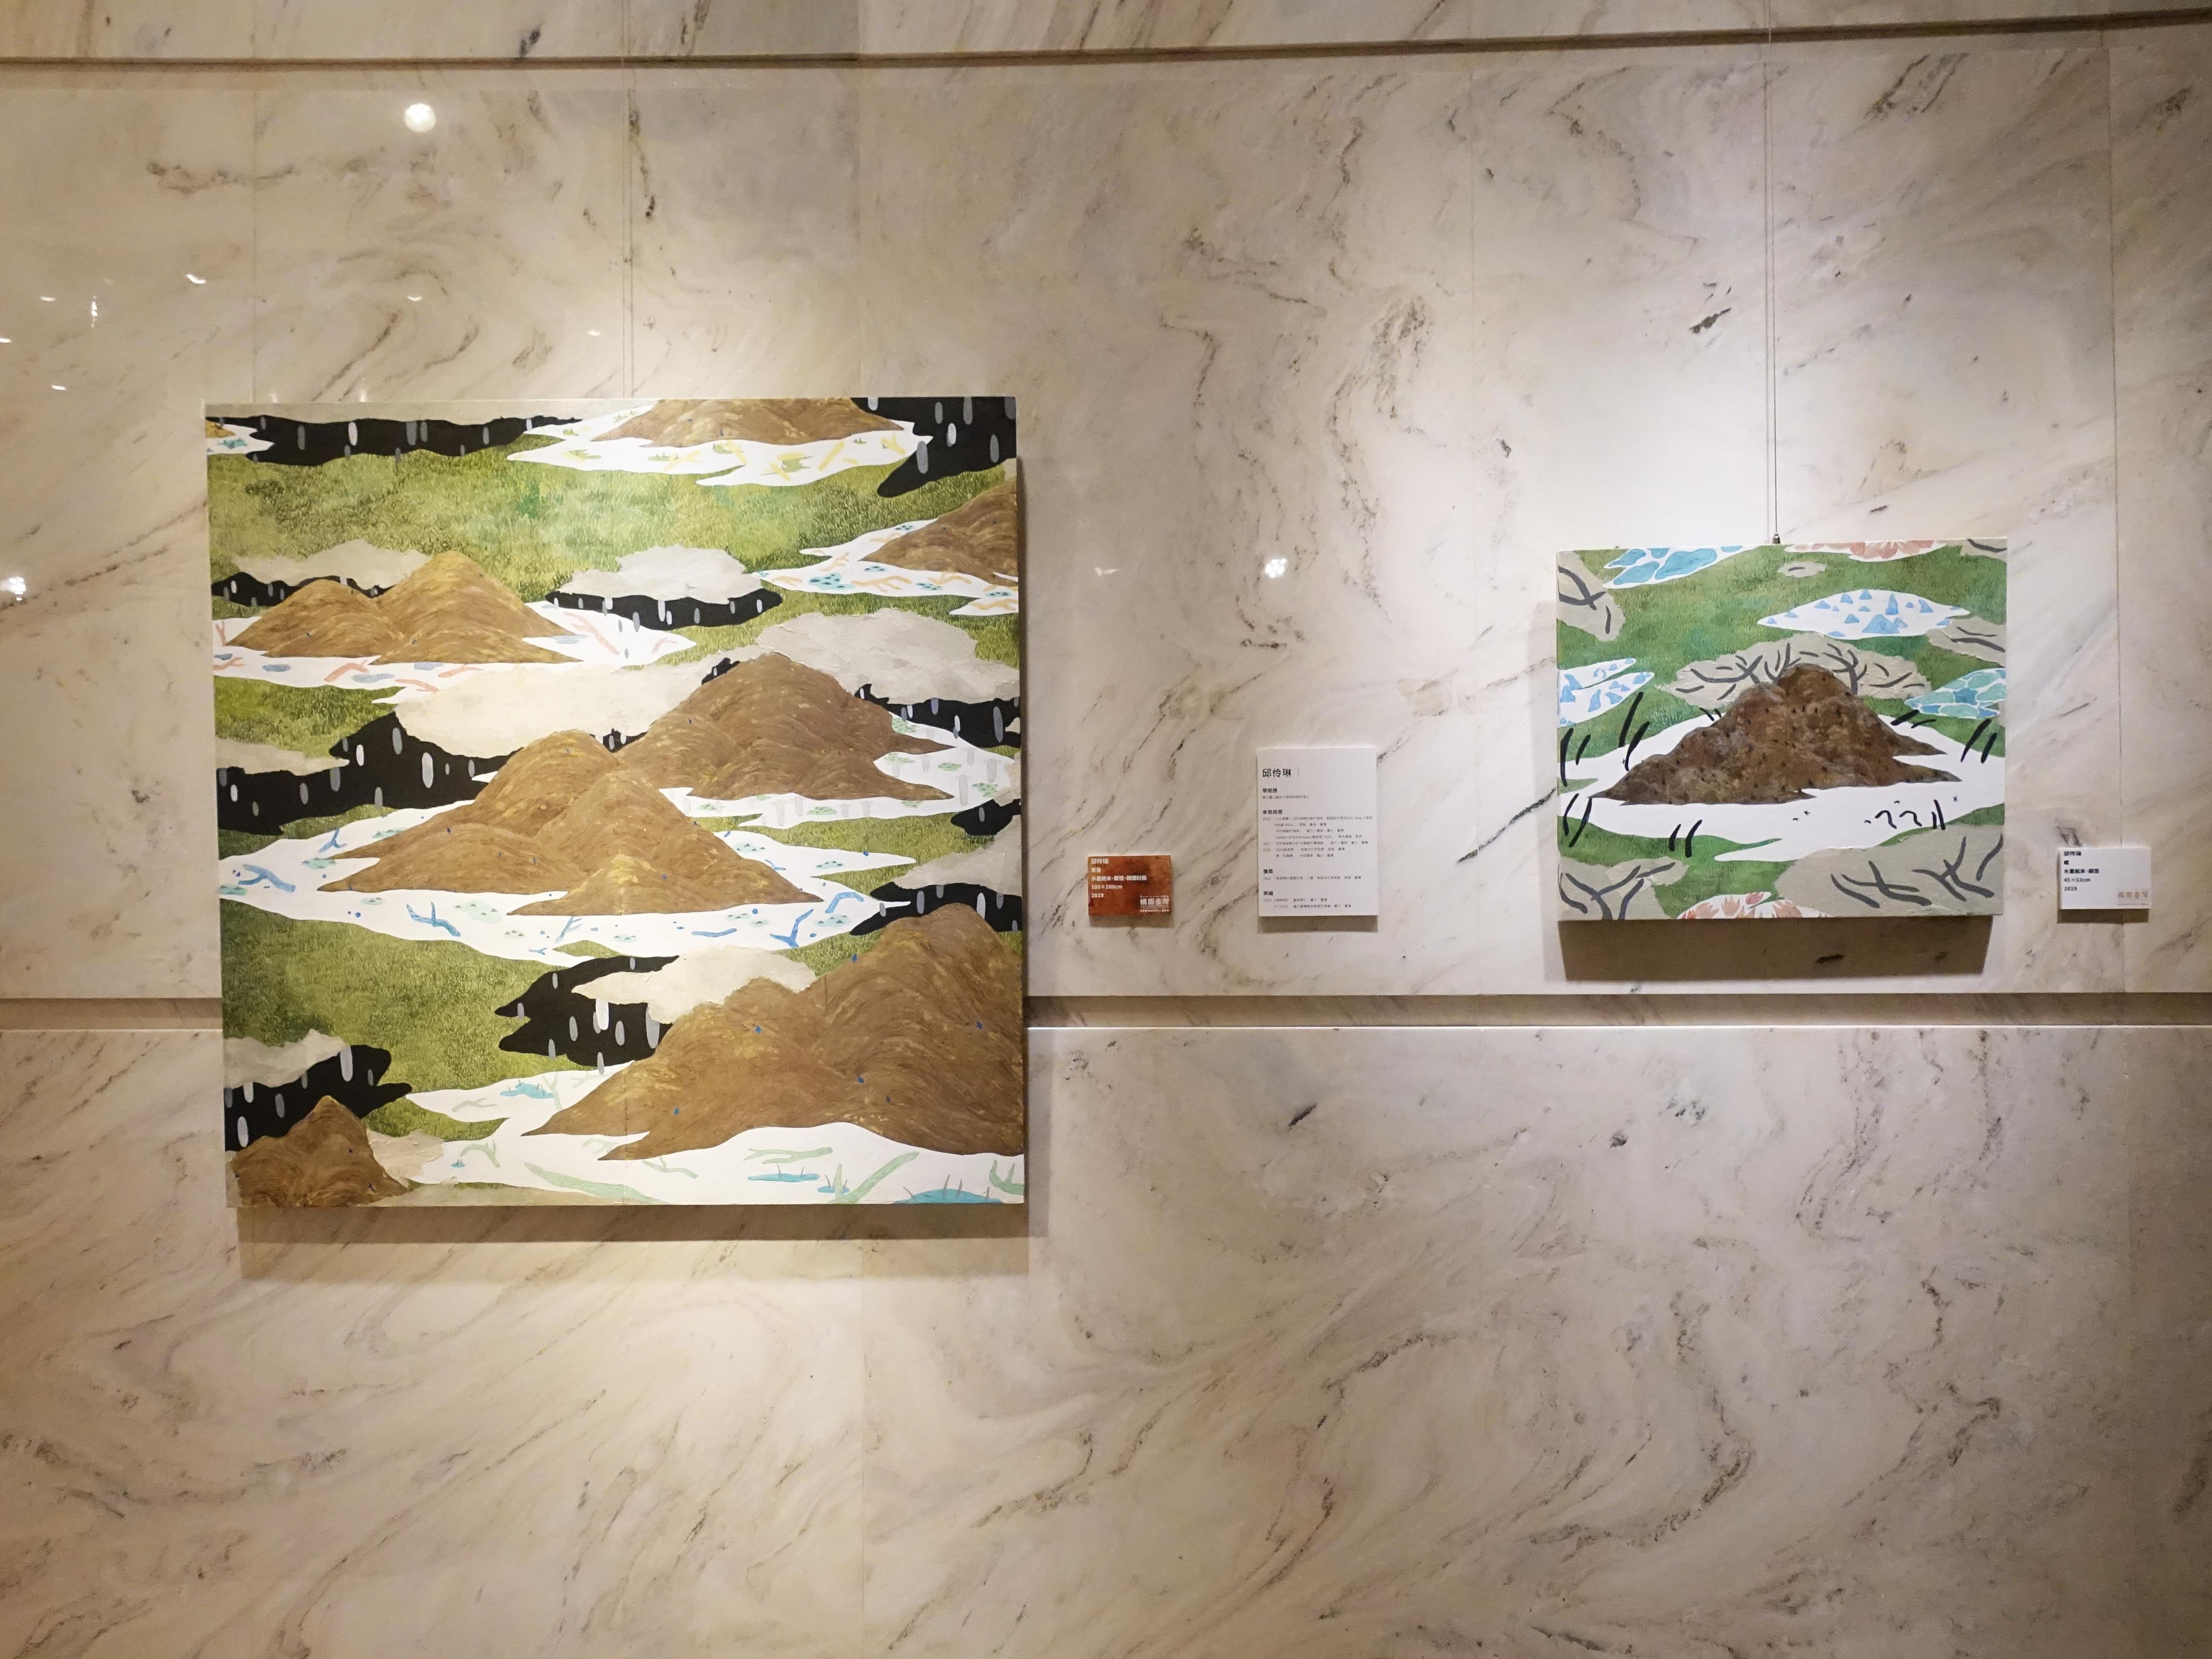 王道銀行基金會展出入圍者邱伶琳水墨系列創作。